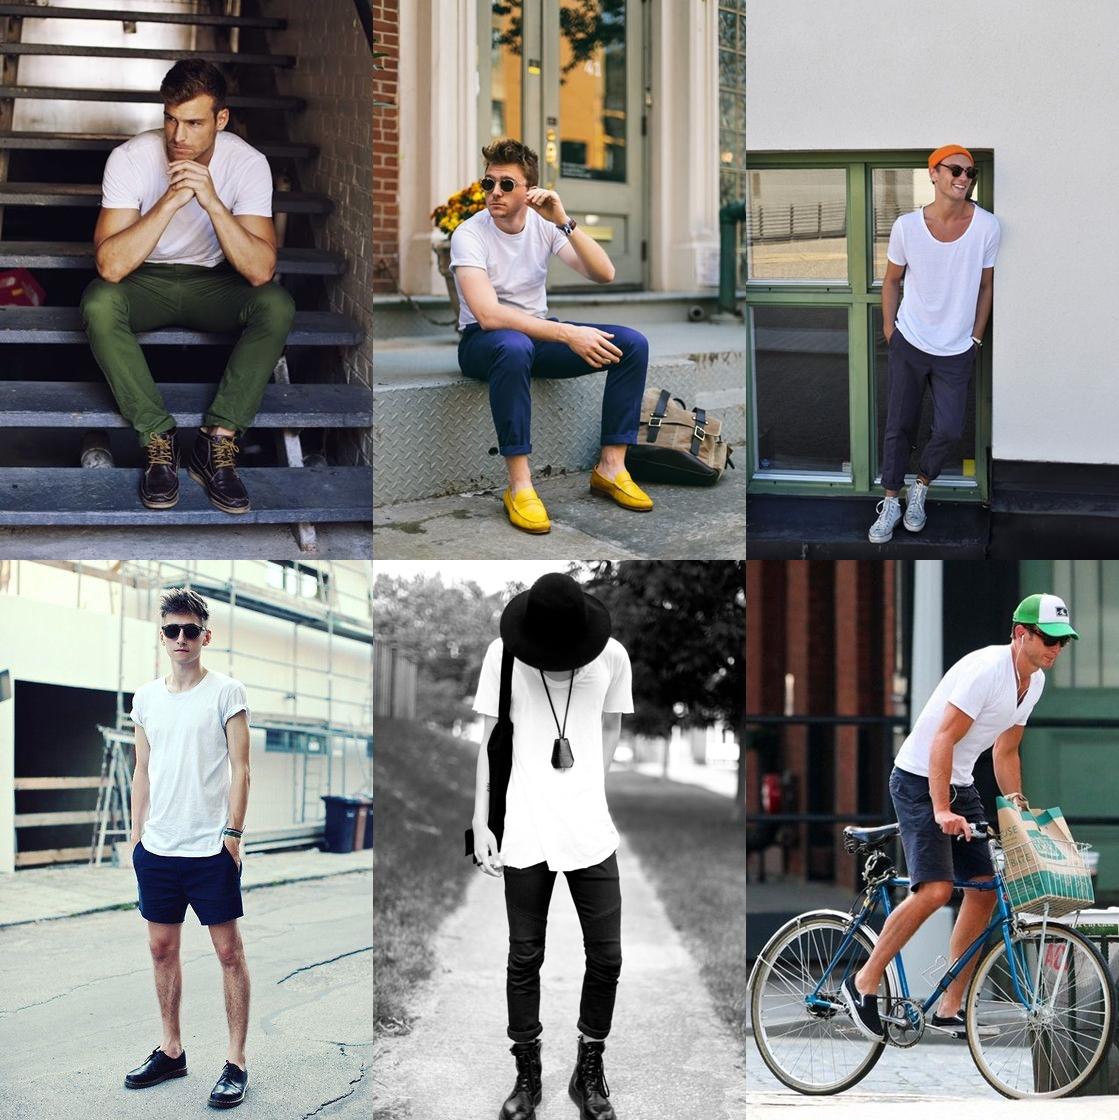 camiseta branca, tshirt branca, como usar, estilo, blog de moda, moda sem censura, fashion blogger, alex cursino, menswear, dicas de moda, style, blogueiro de moda, 3